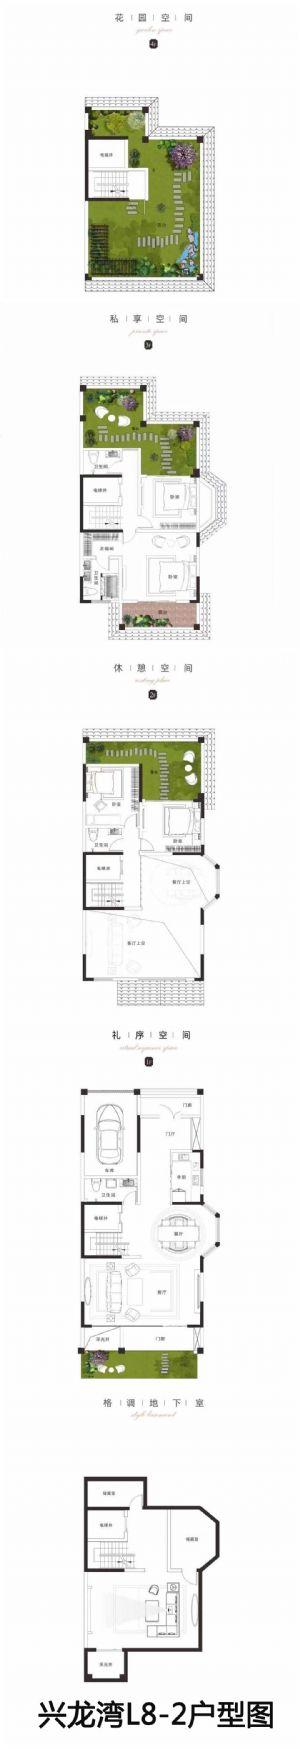 兴龙湾L8-2户型图-四室二厅四卫一厨-户型图